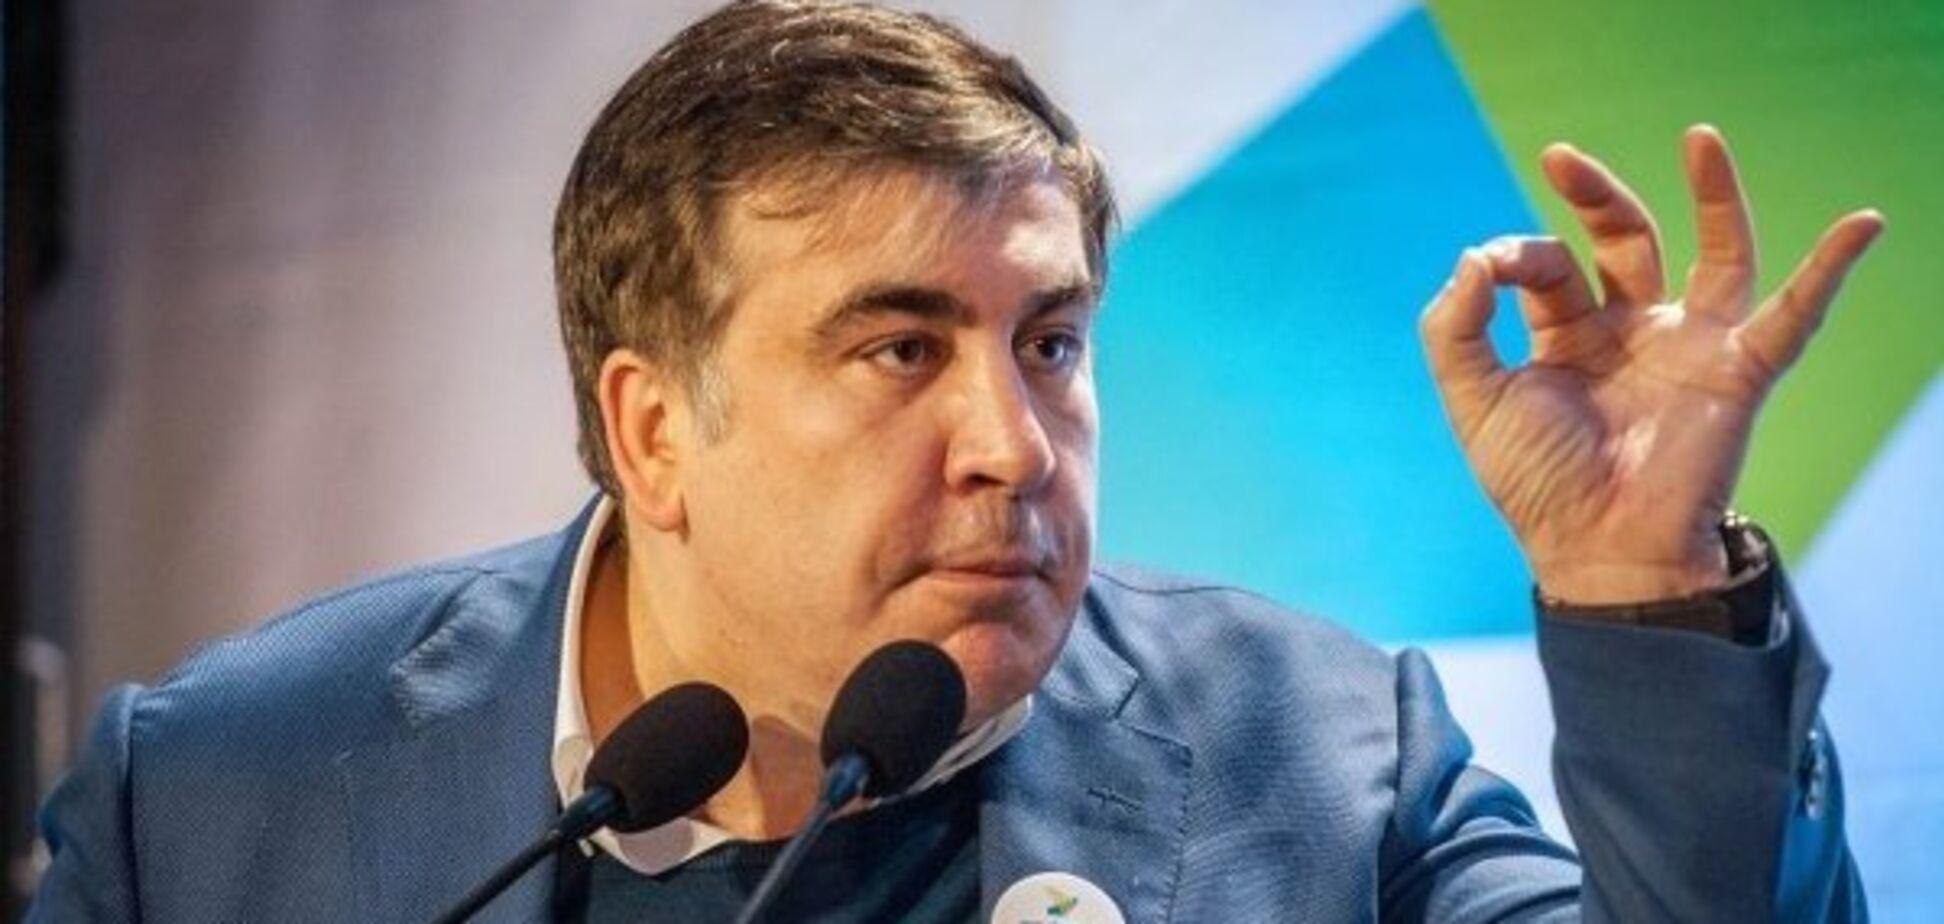 Саакашвили подтвердил, что написал скандальное письмо Порошенко